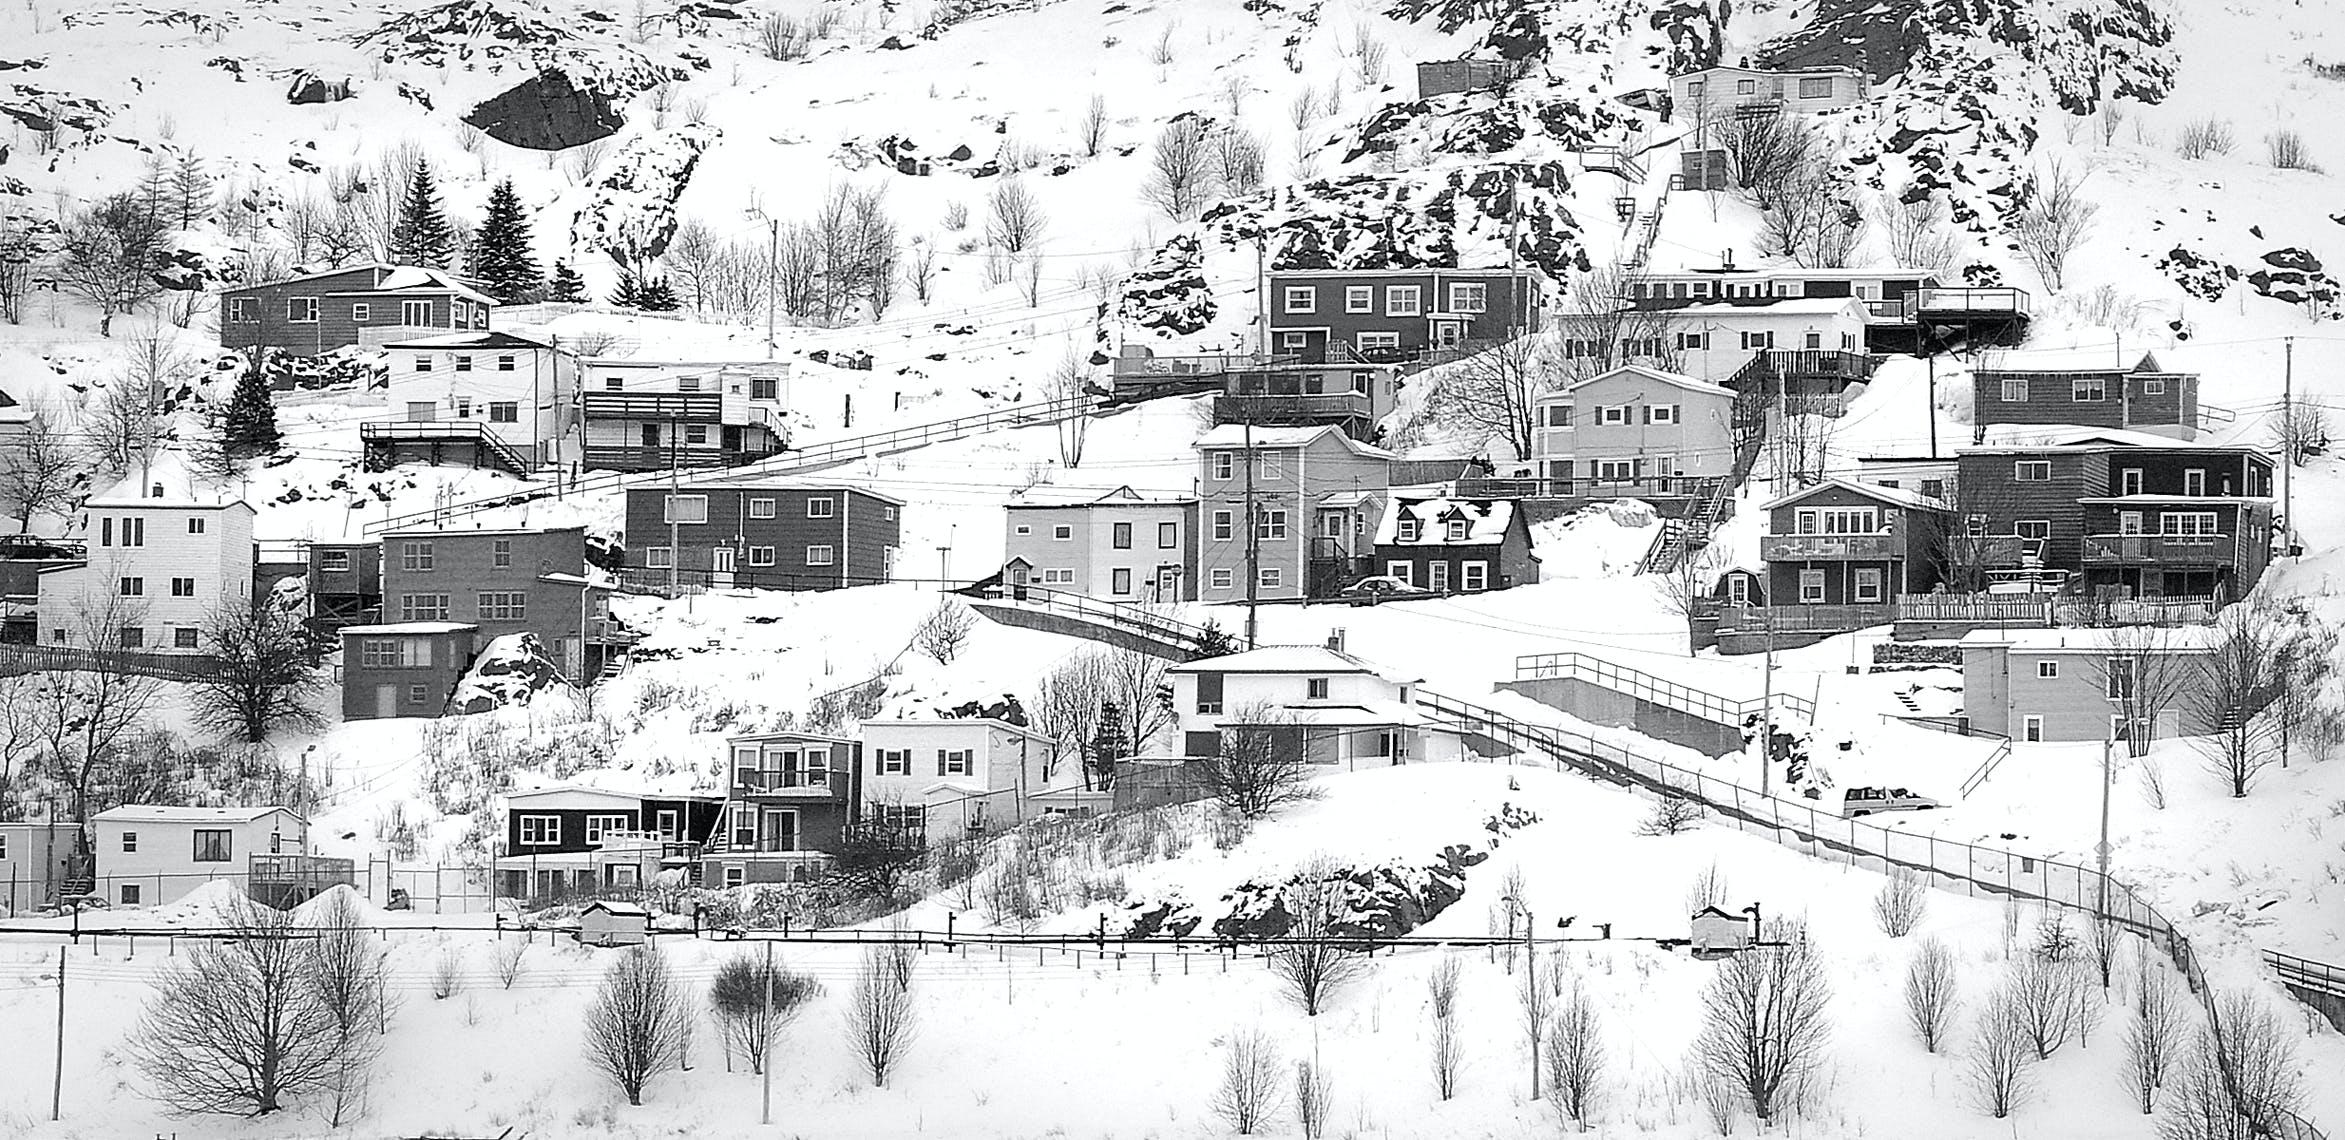 Immagine gratuita di bianco e nero, case, cittadina, collina